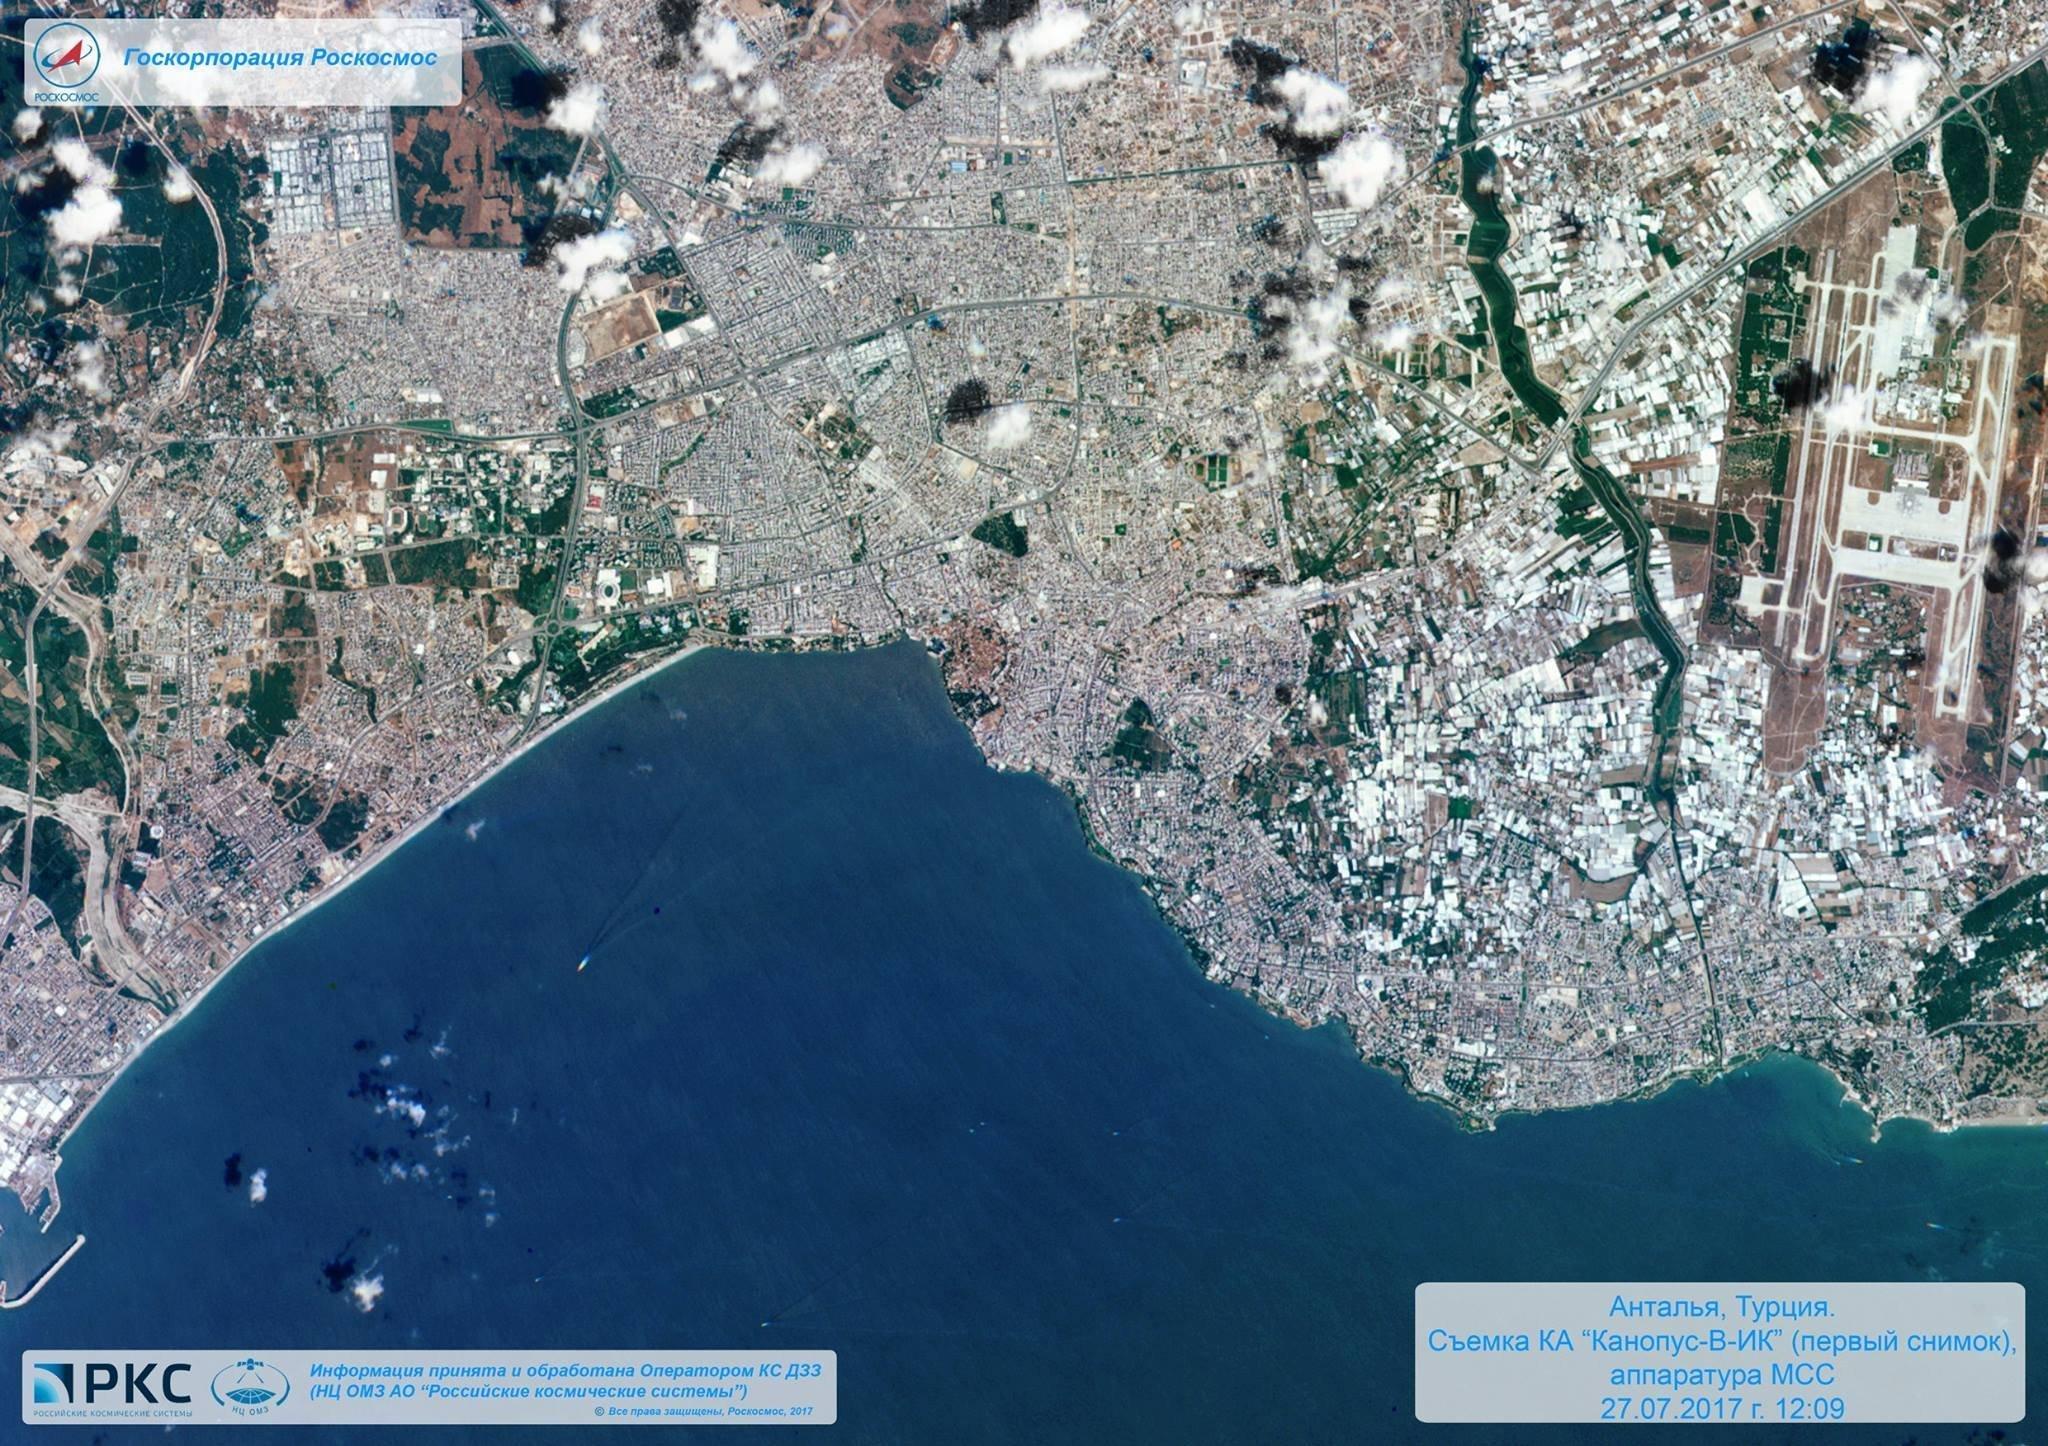 Antalya, en Turquía, vista el 27 de julio de 2017 por la cámara multispectral del satélite ruso Kanopus-V-IK